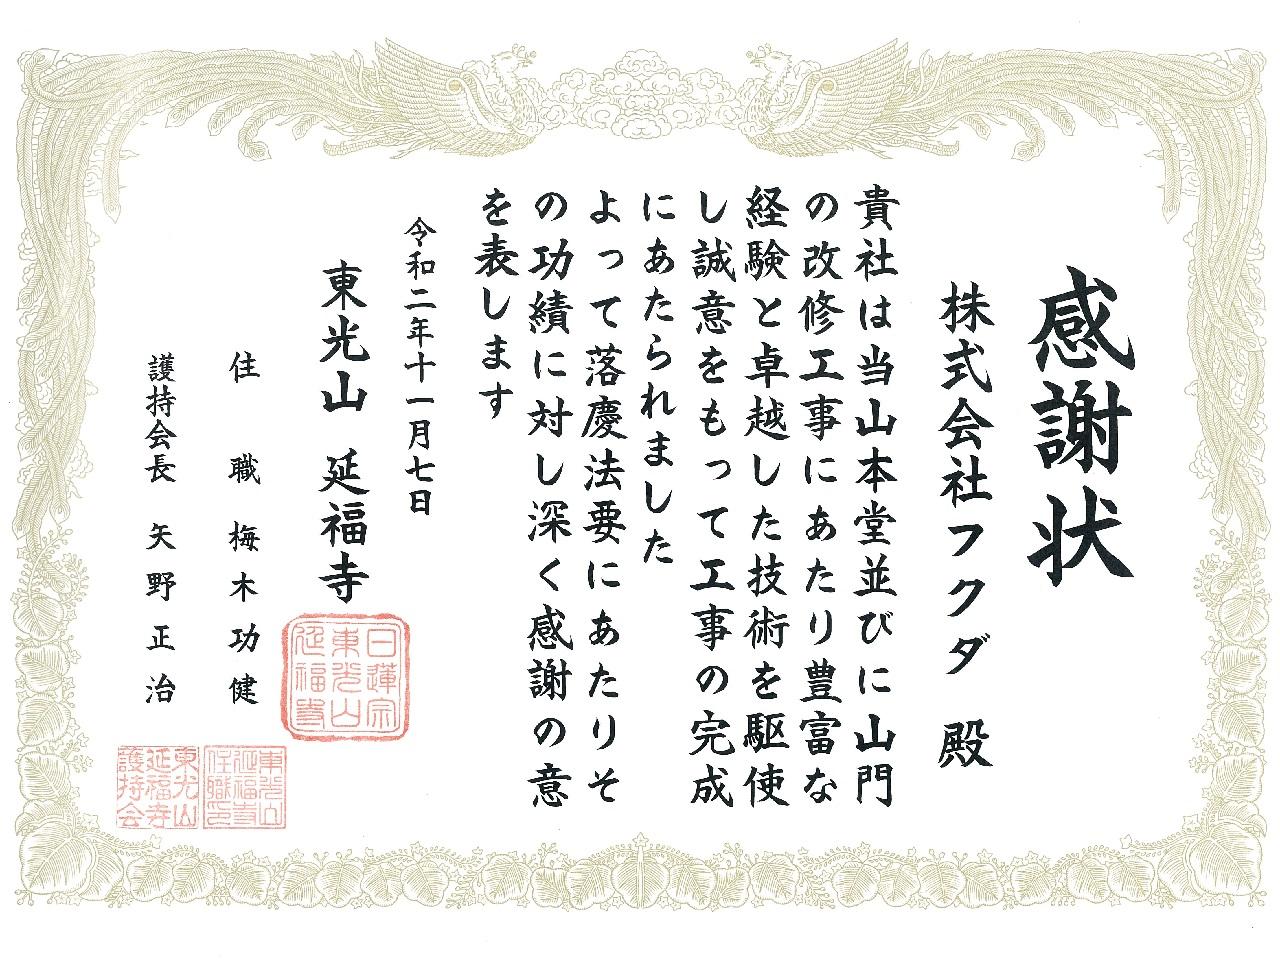 東光山 延福寺様より感謝状をいただきました。